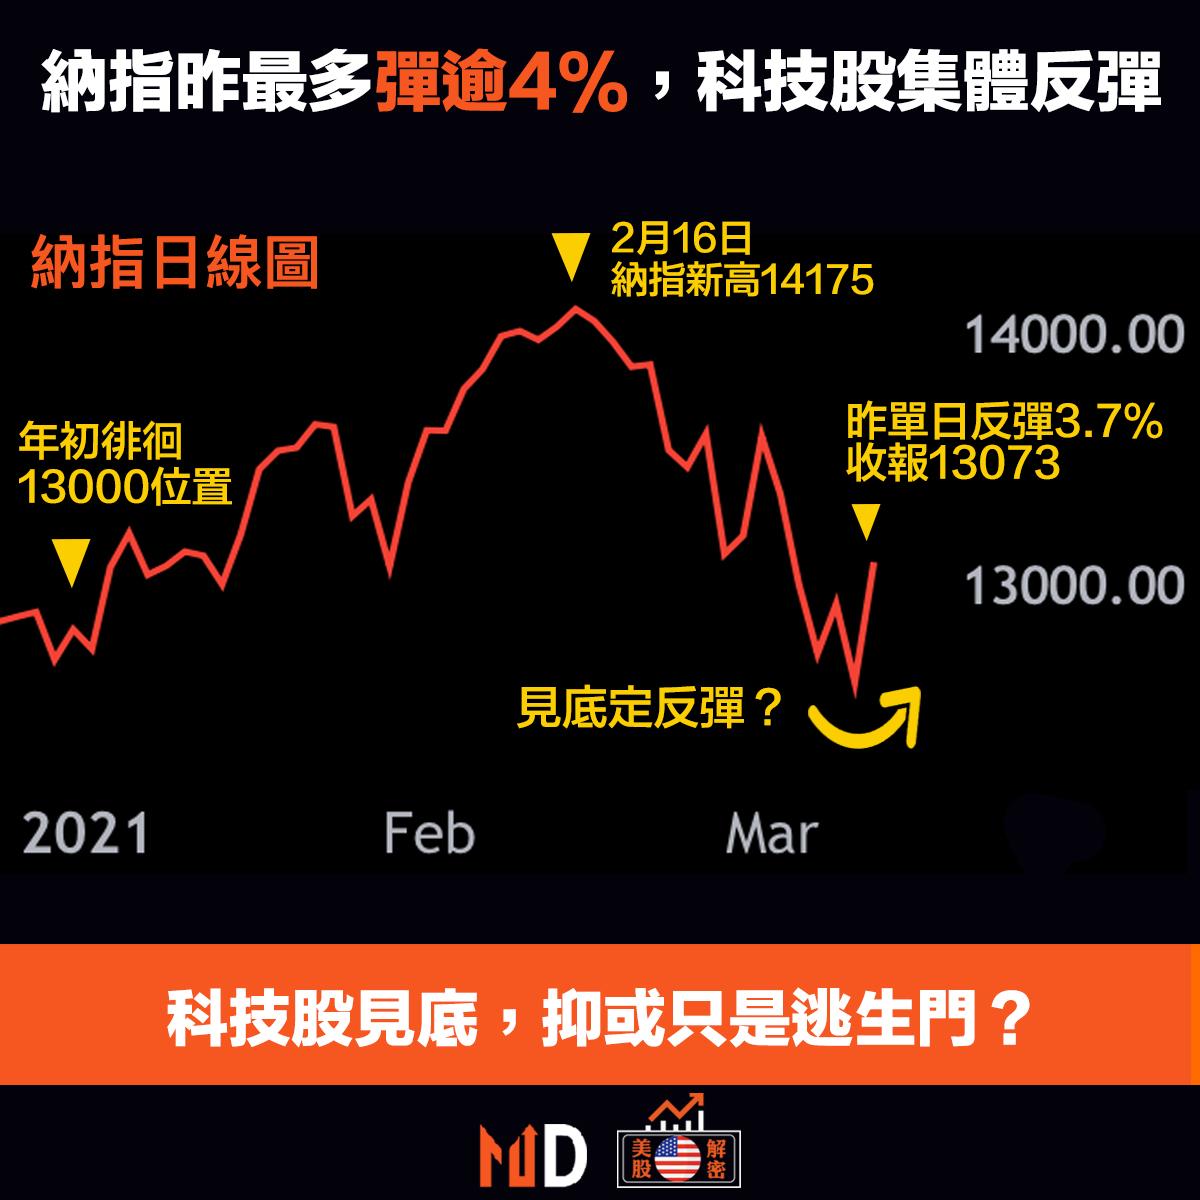 nasdaq daily chart (trading view)